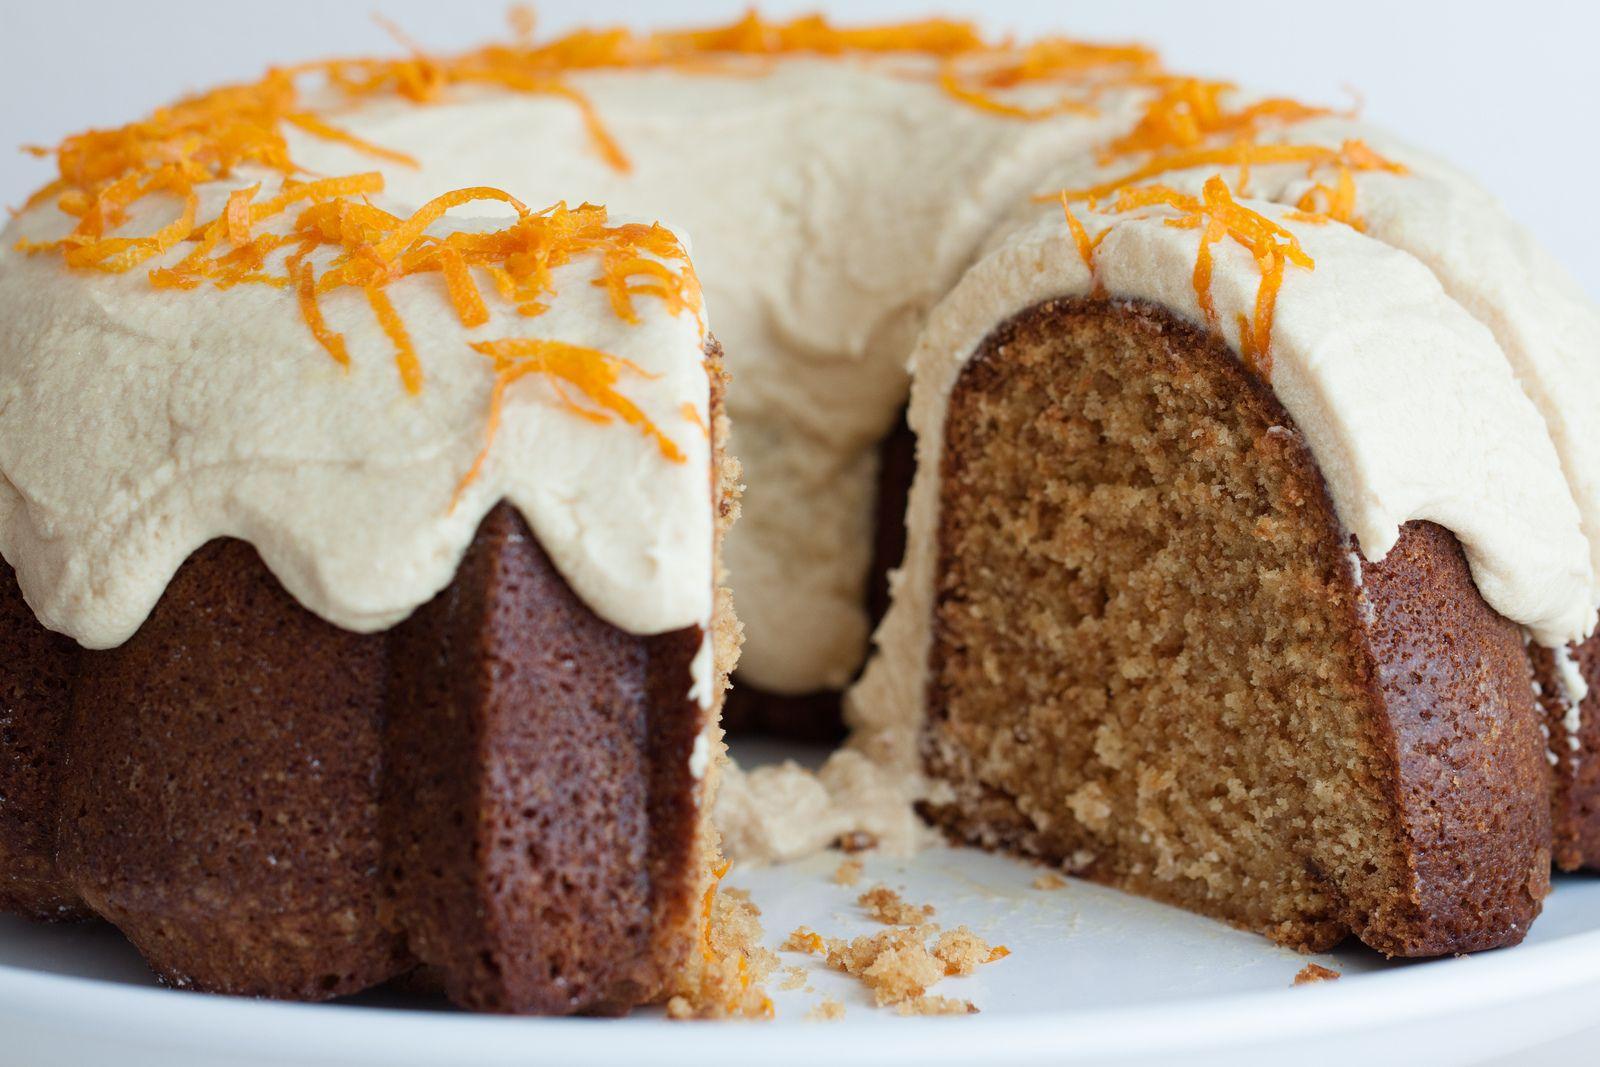 Bundt Cake de caramelo y ron - Lost in Cupcakes